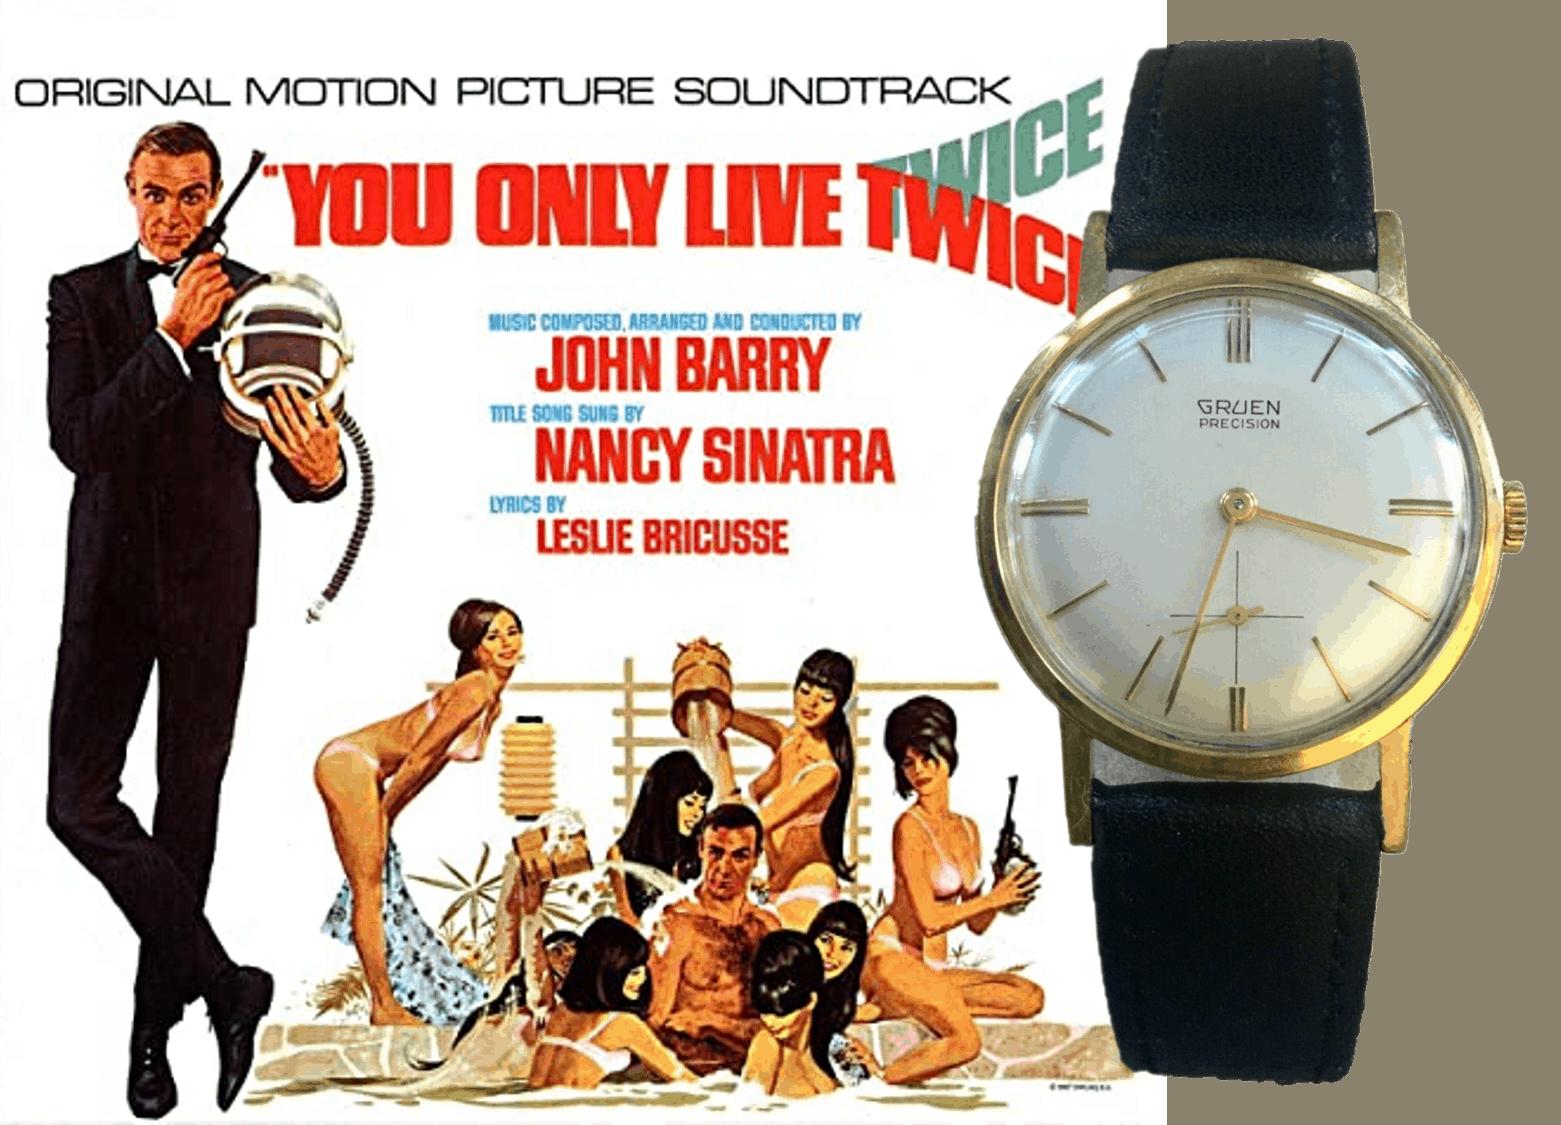 James Bond Streifen You only live twice und die darin vorkommende Gruen Precision